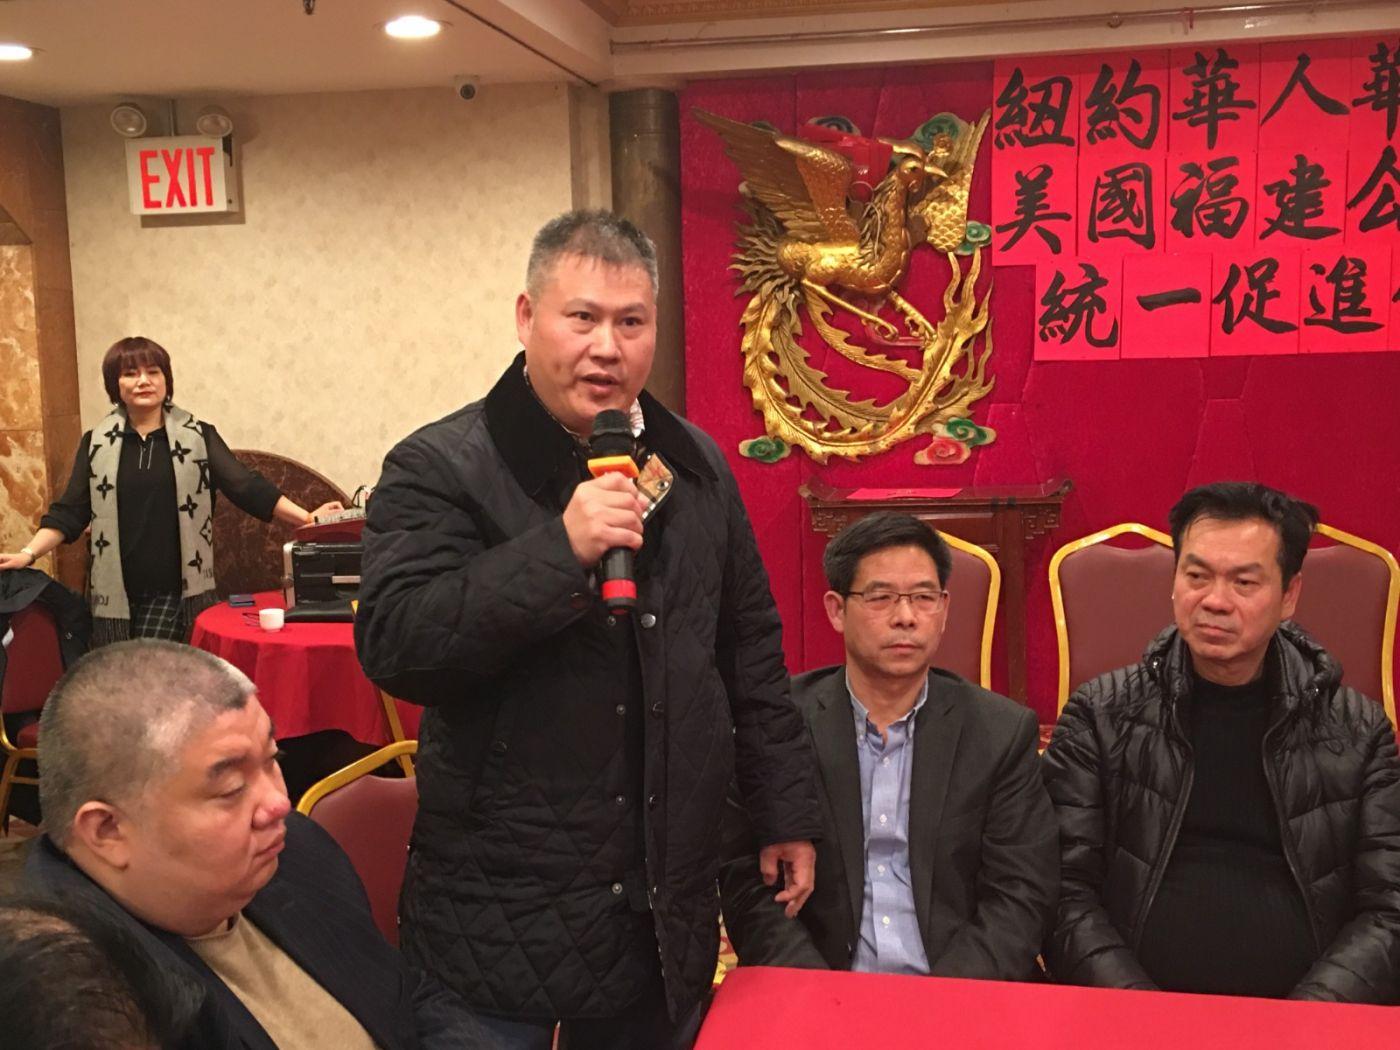 紐約華人華僑維護香港穩定繁榮座談會在紐約舉行_图1-14